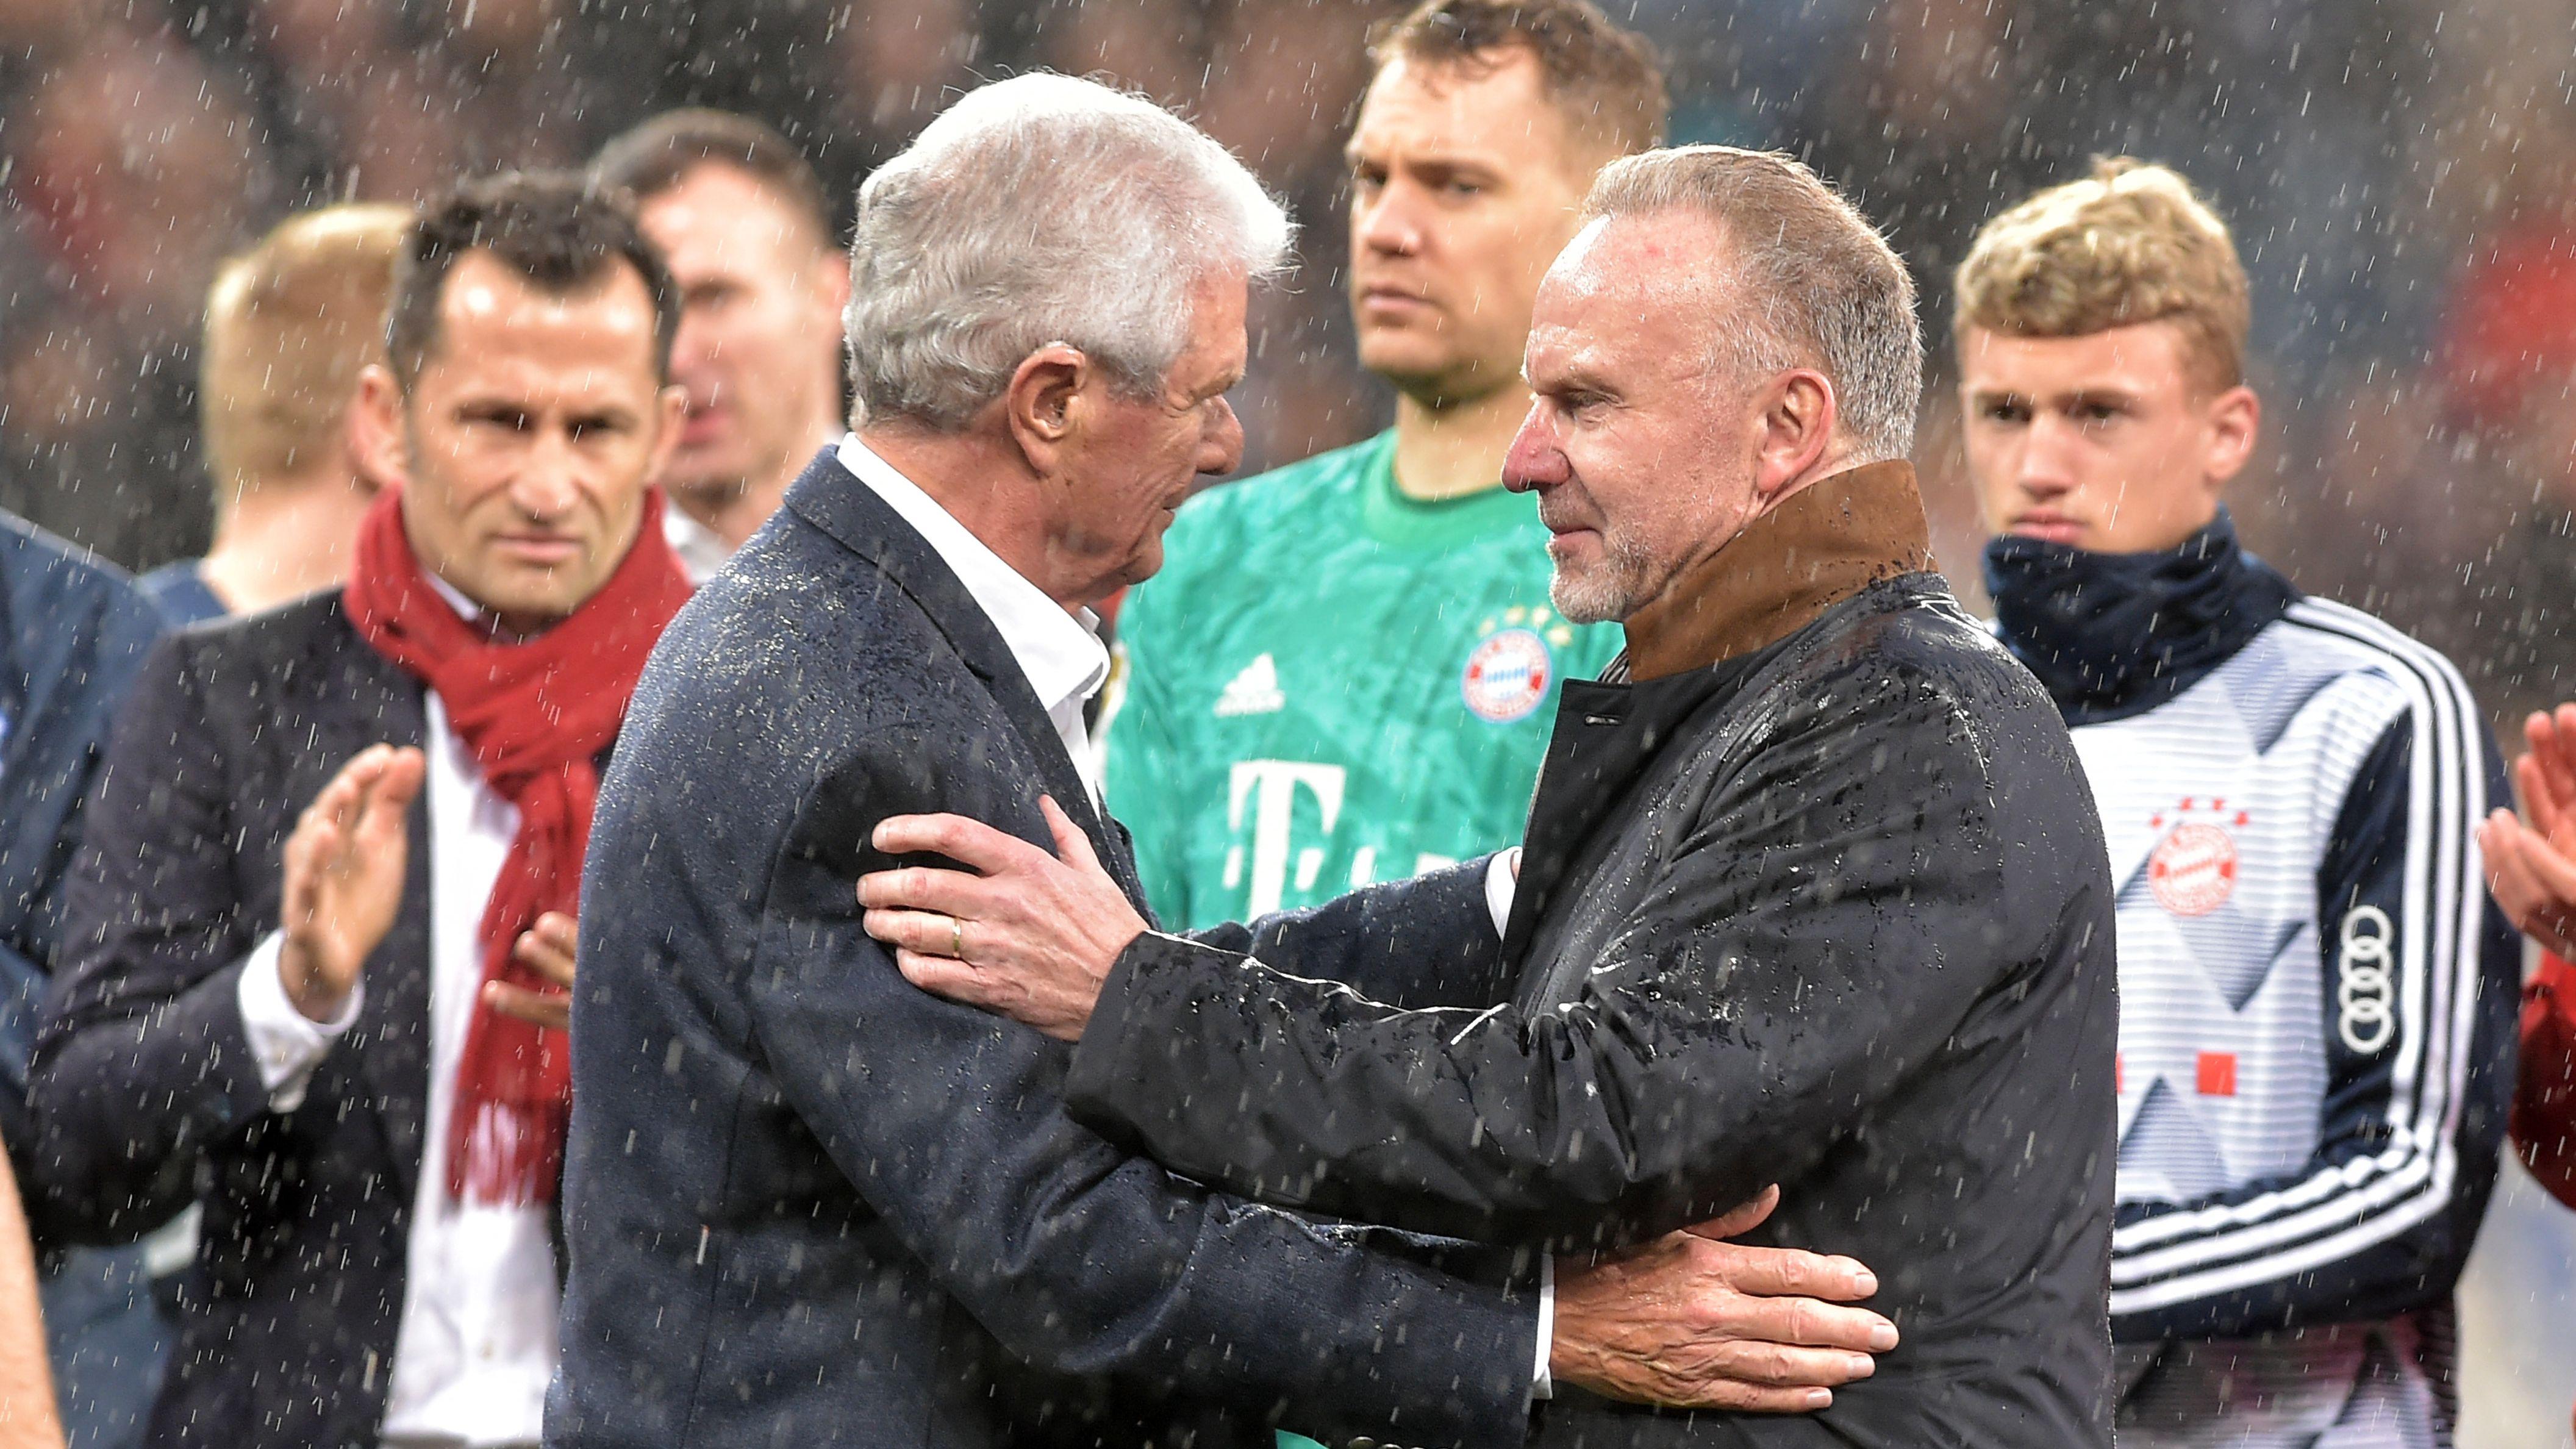 TSG 1899 Hoffenheim - FC Bayern München am 29.02.2020: Bayern-Boss Karl-Heinz Rummenigge entschuldigt sich bei Hoffenheims Mäzen Dietmar Hopp